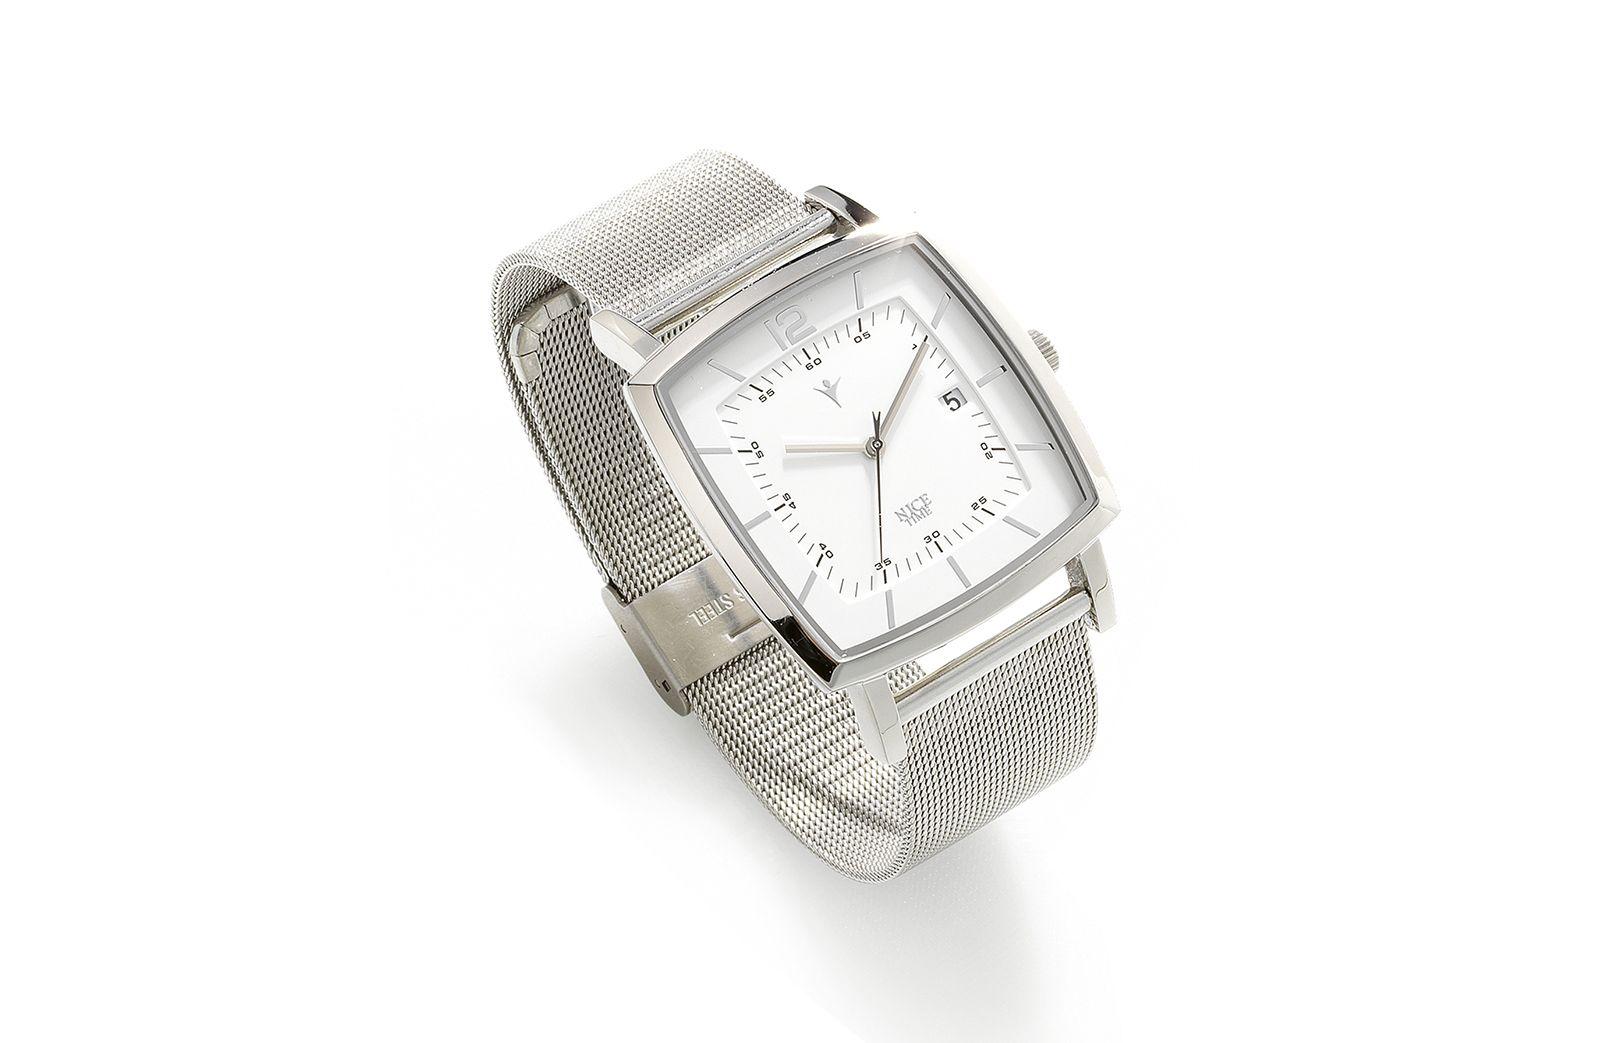 Reloj de elegante diseño y terminado, con cuadrado con